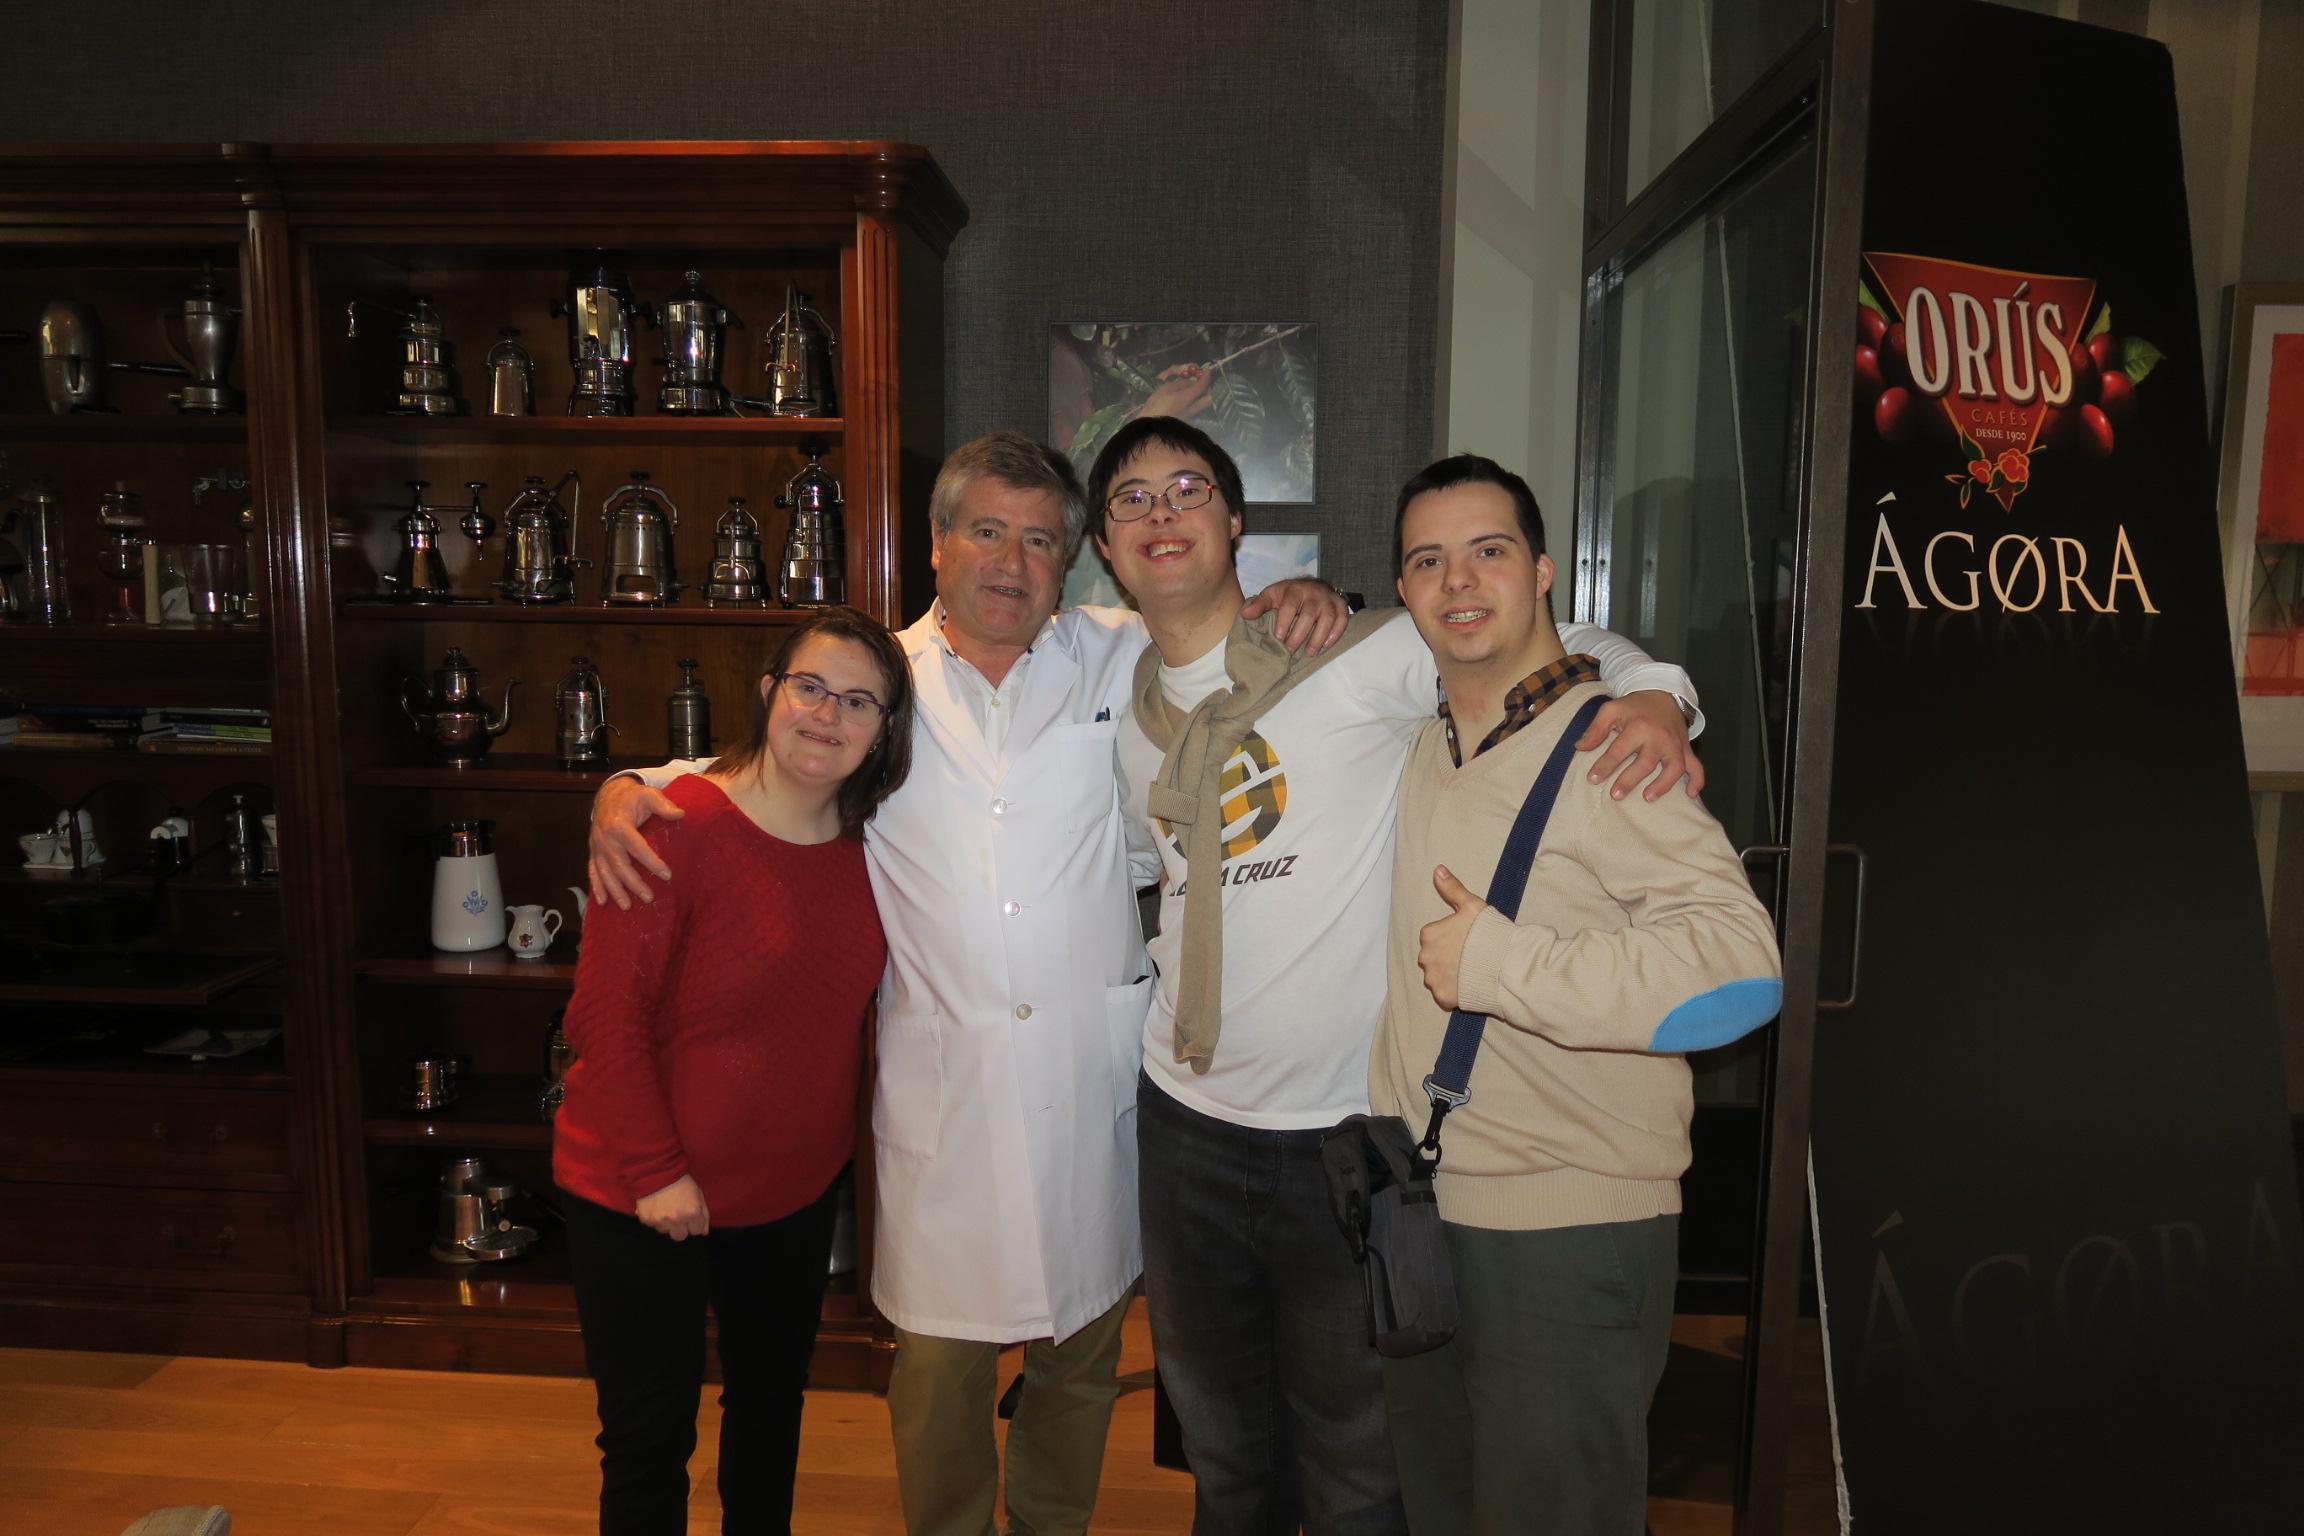 La fundación Down Zaragoza visita Ágora Cafés Orús